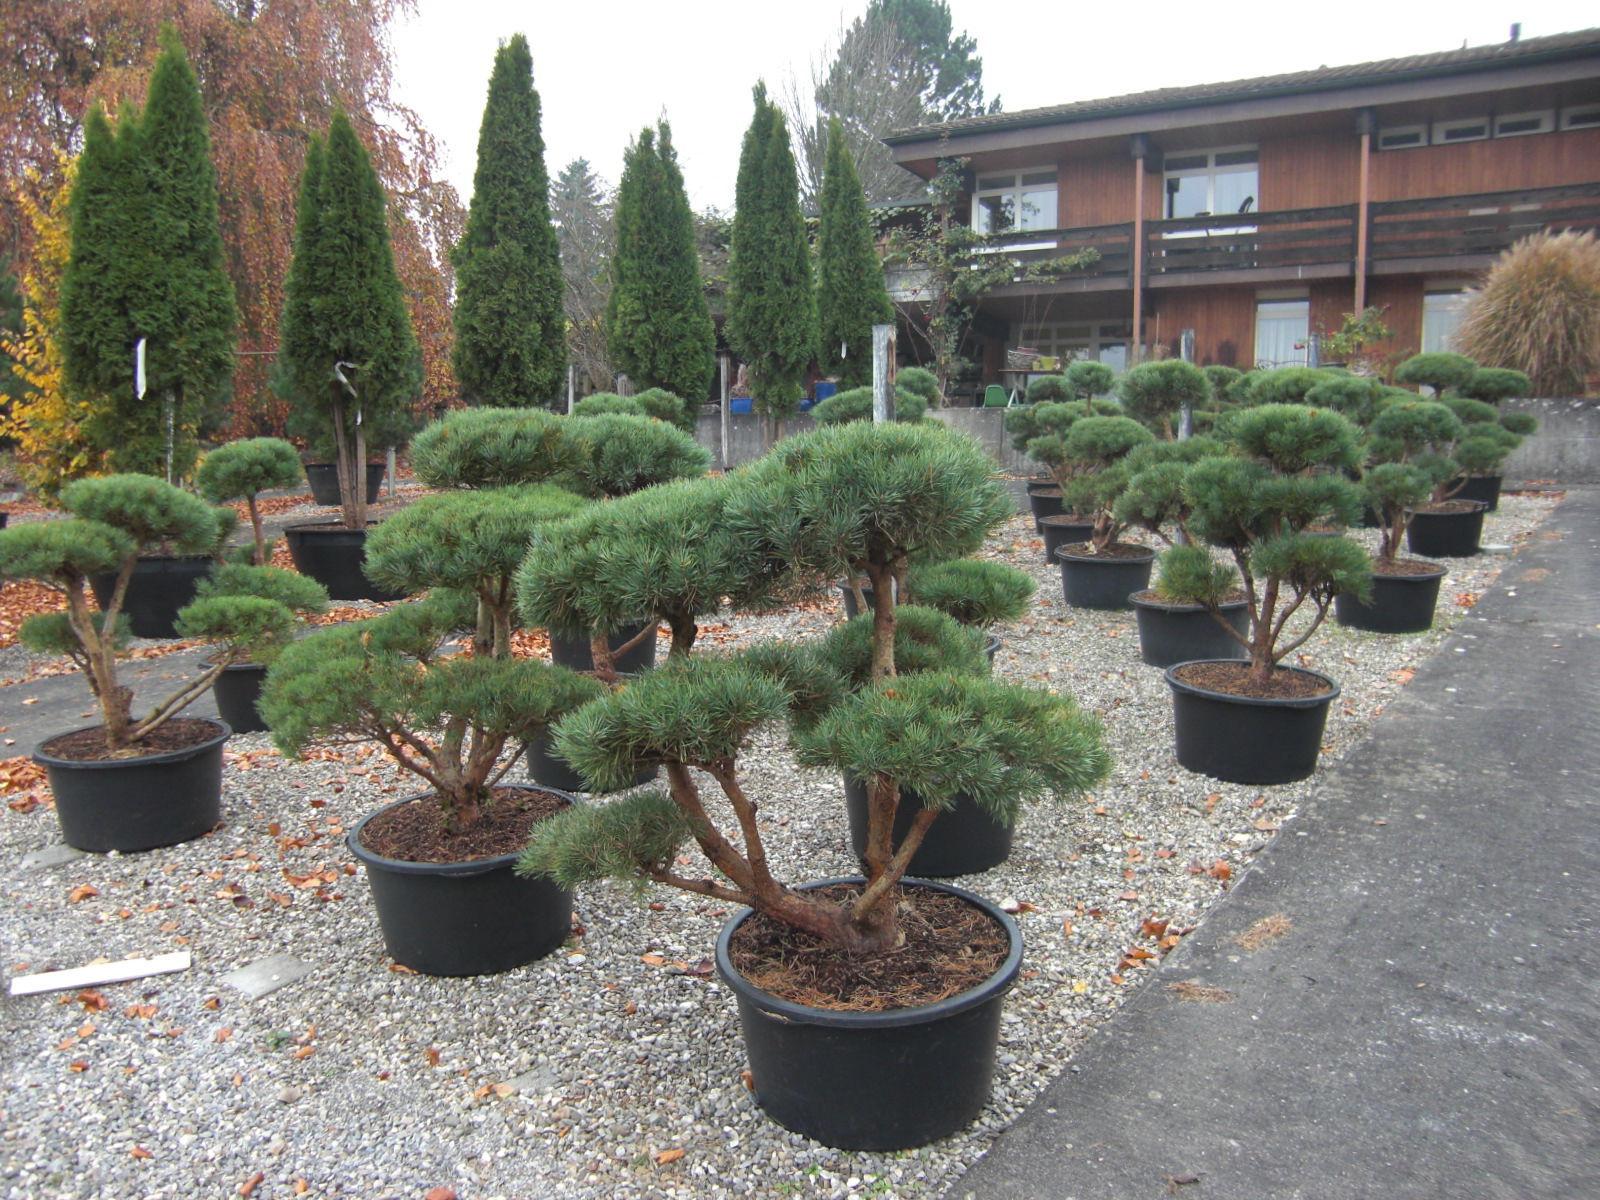 Hauenstein Pflanzen + Garten AG